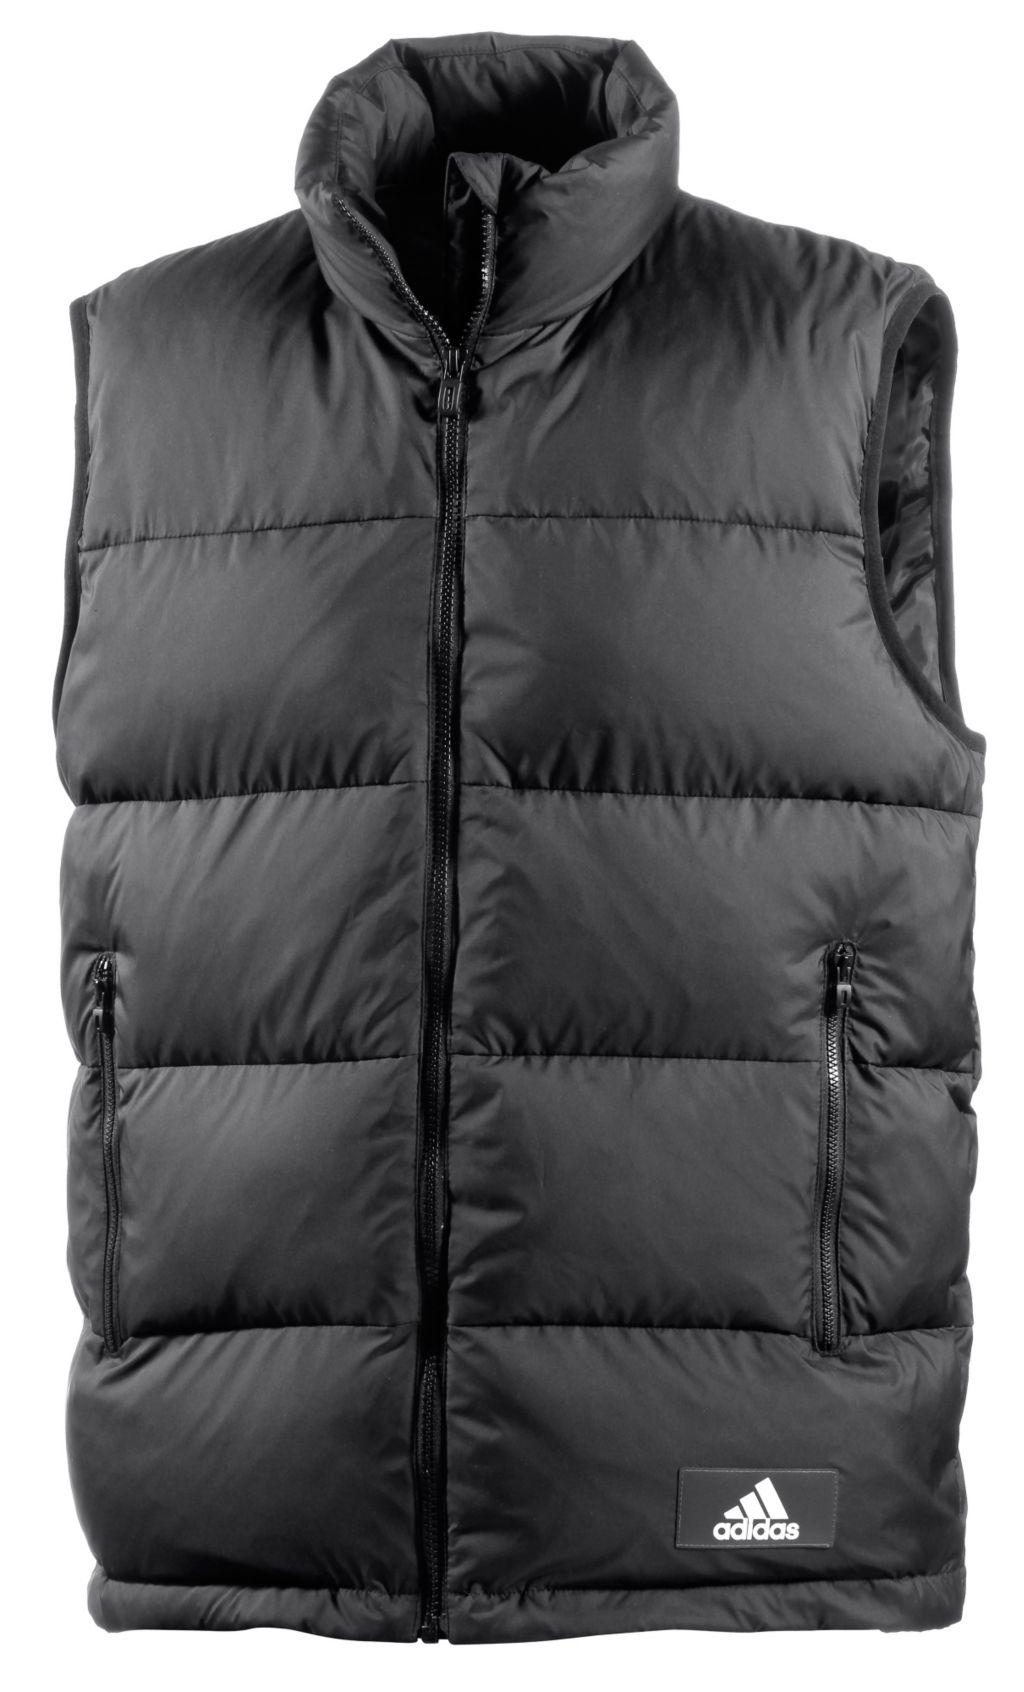 Adidas Daunenweste Herren in schwarz, Größe XL